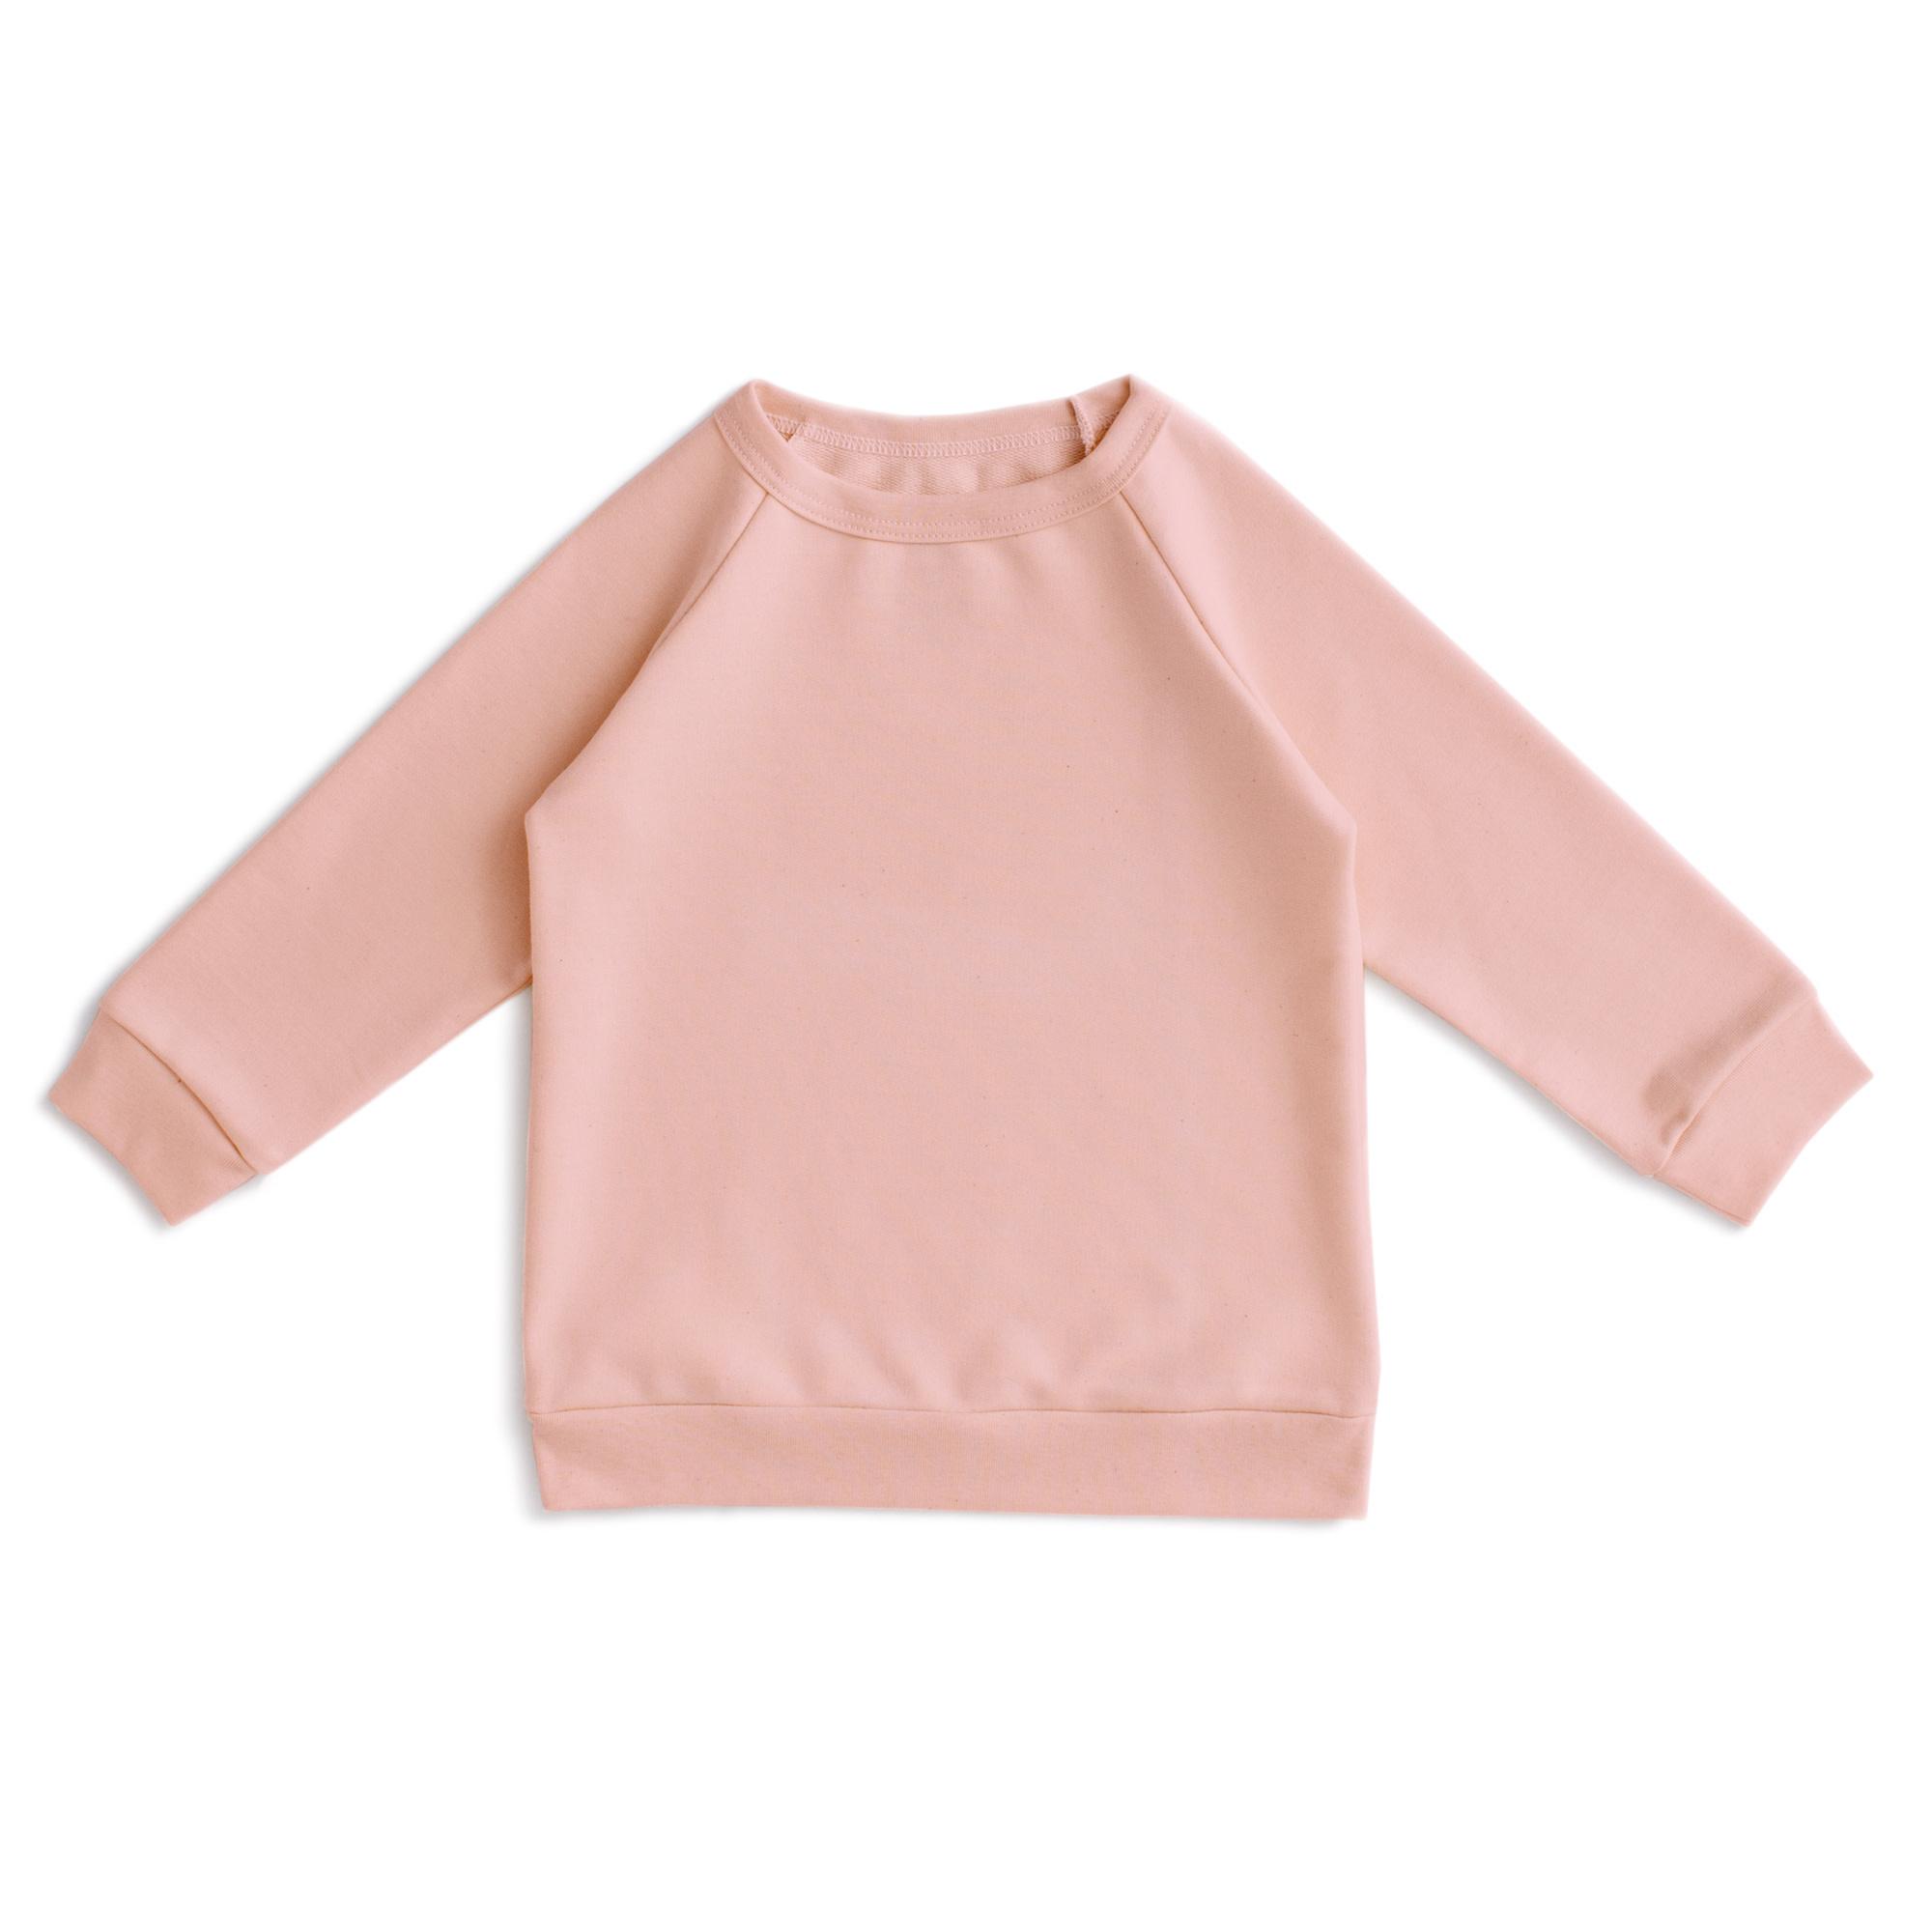 Winter Water Factory Winter Water Factory Solid Pink Sweatshirt